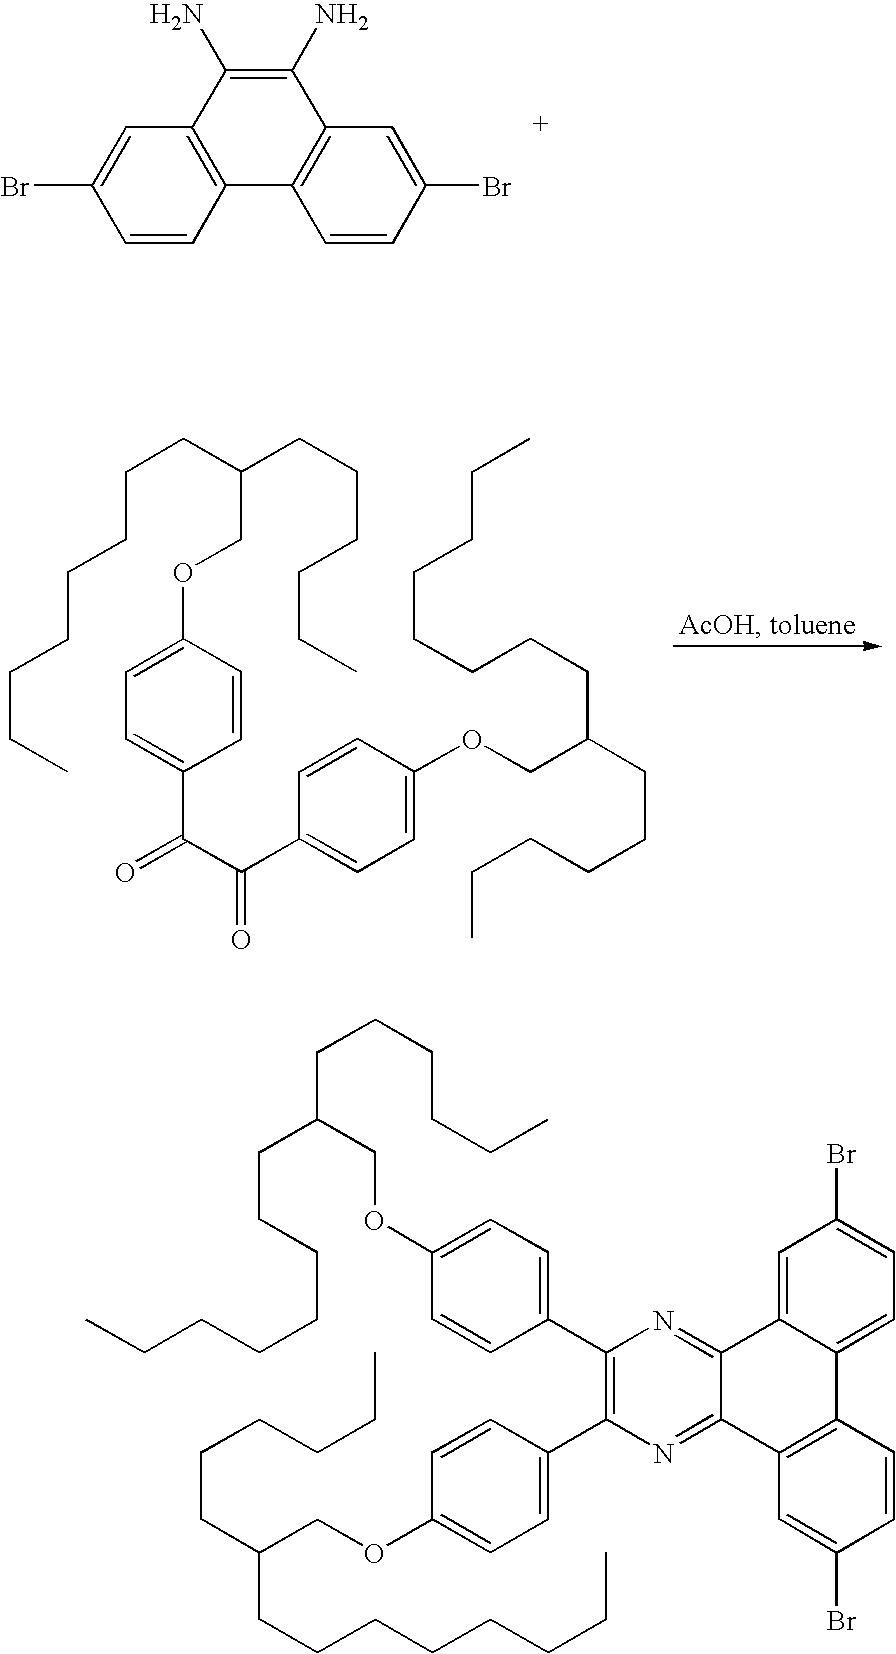 Figure US20090105447A1-20090423-C00184